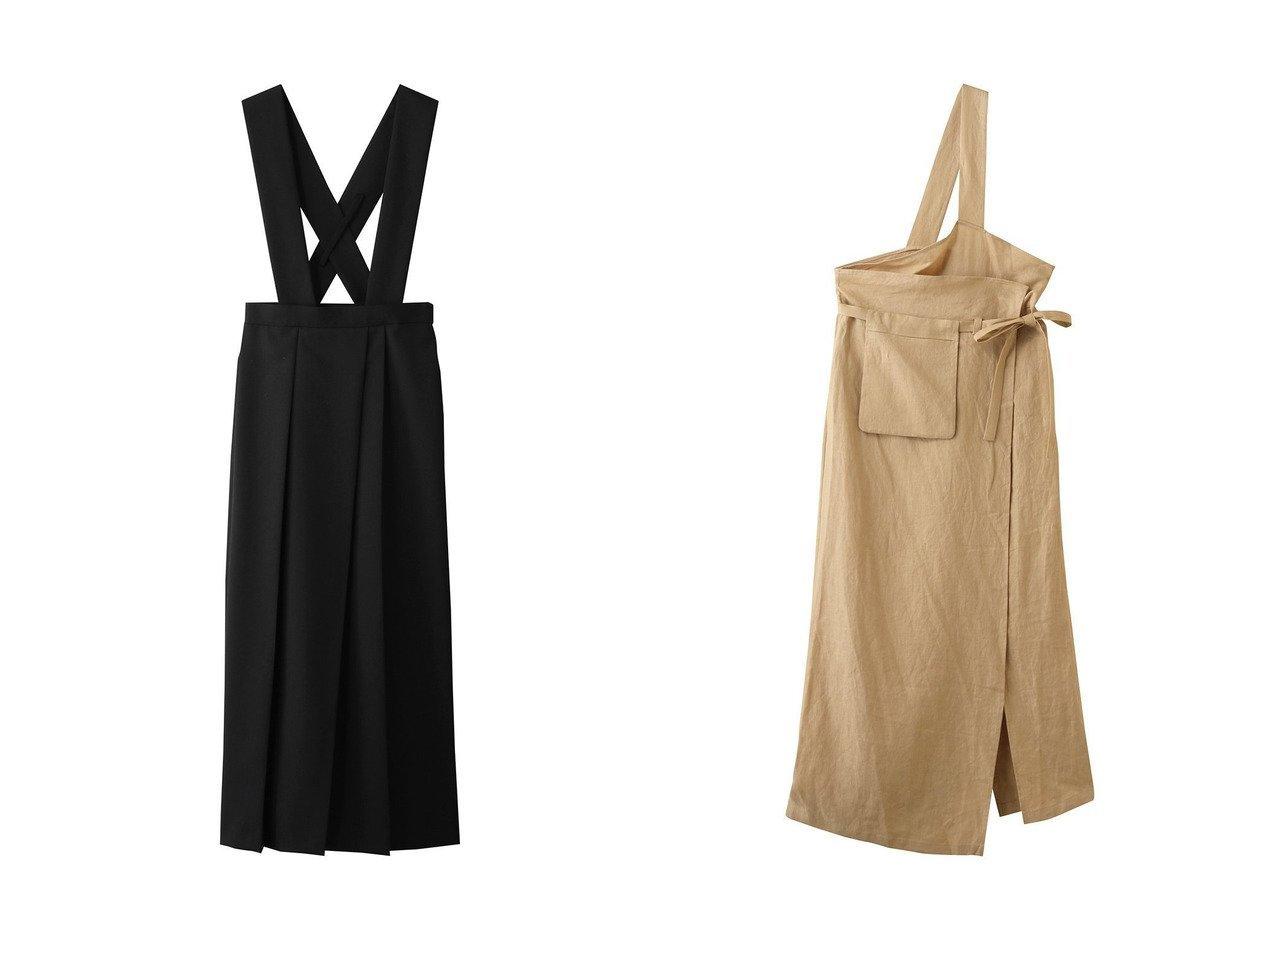 【ENFOLD/エンフォルド】のハードウール タックプリーツスカート&Light Linen エプロンスカート 【スカート】おすすめ!人気、トレンド・レディースファッションの通販 おすすめで人気の流行・トレンド、ファッションの通販商品 インテリア・家具・メンズファッション・キッズファッション・レディースファッション・服の通販 founy(ファニー) https://founy.com/ ファッション Fashion レディースファッション WOMEN スカート Skirt ロングスカート Long Skirt プリーツスカート Pleated Skirts ポケット リネン リボン ロング |ID:crp329100000056328